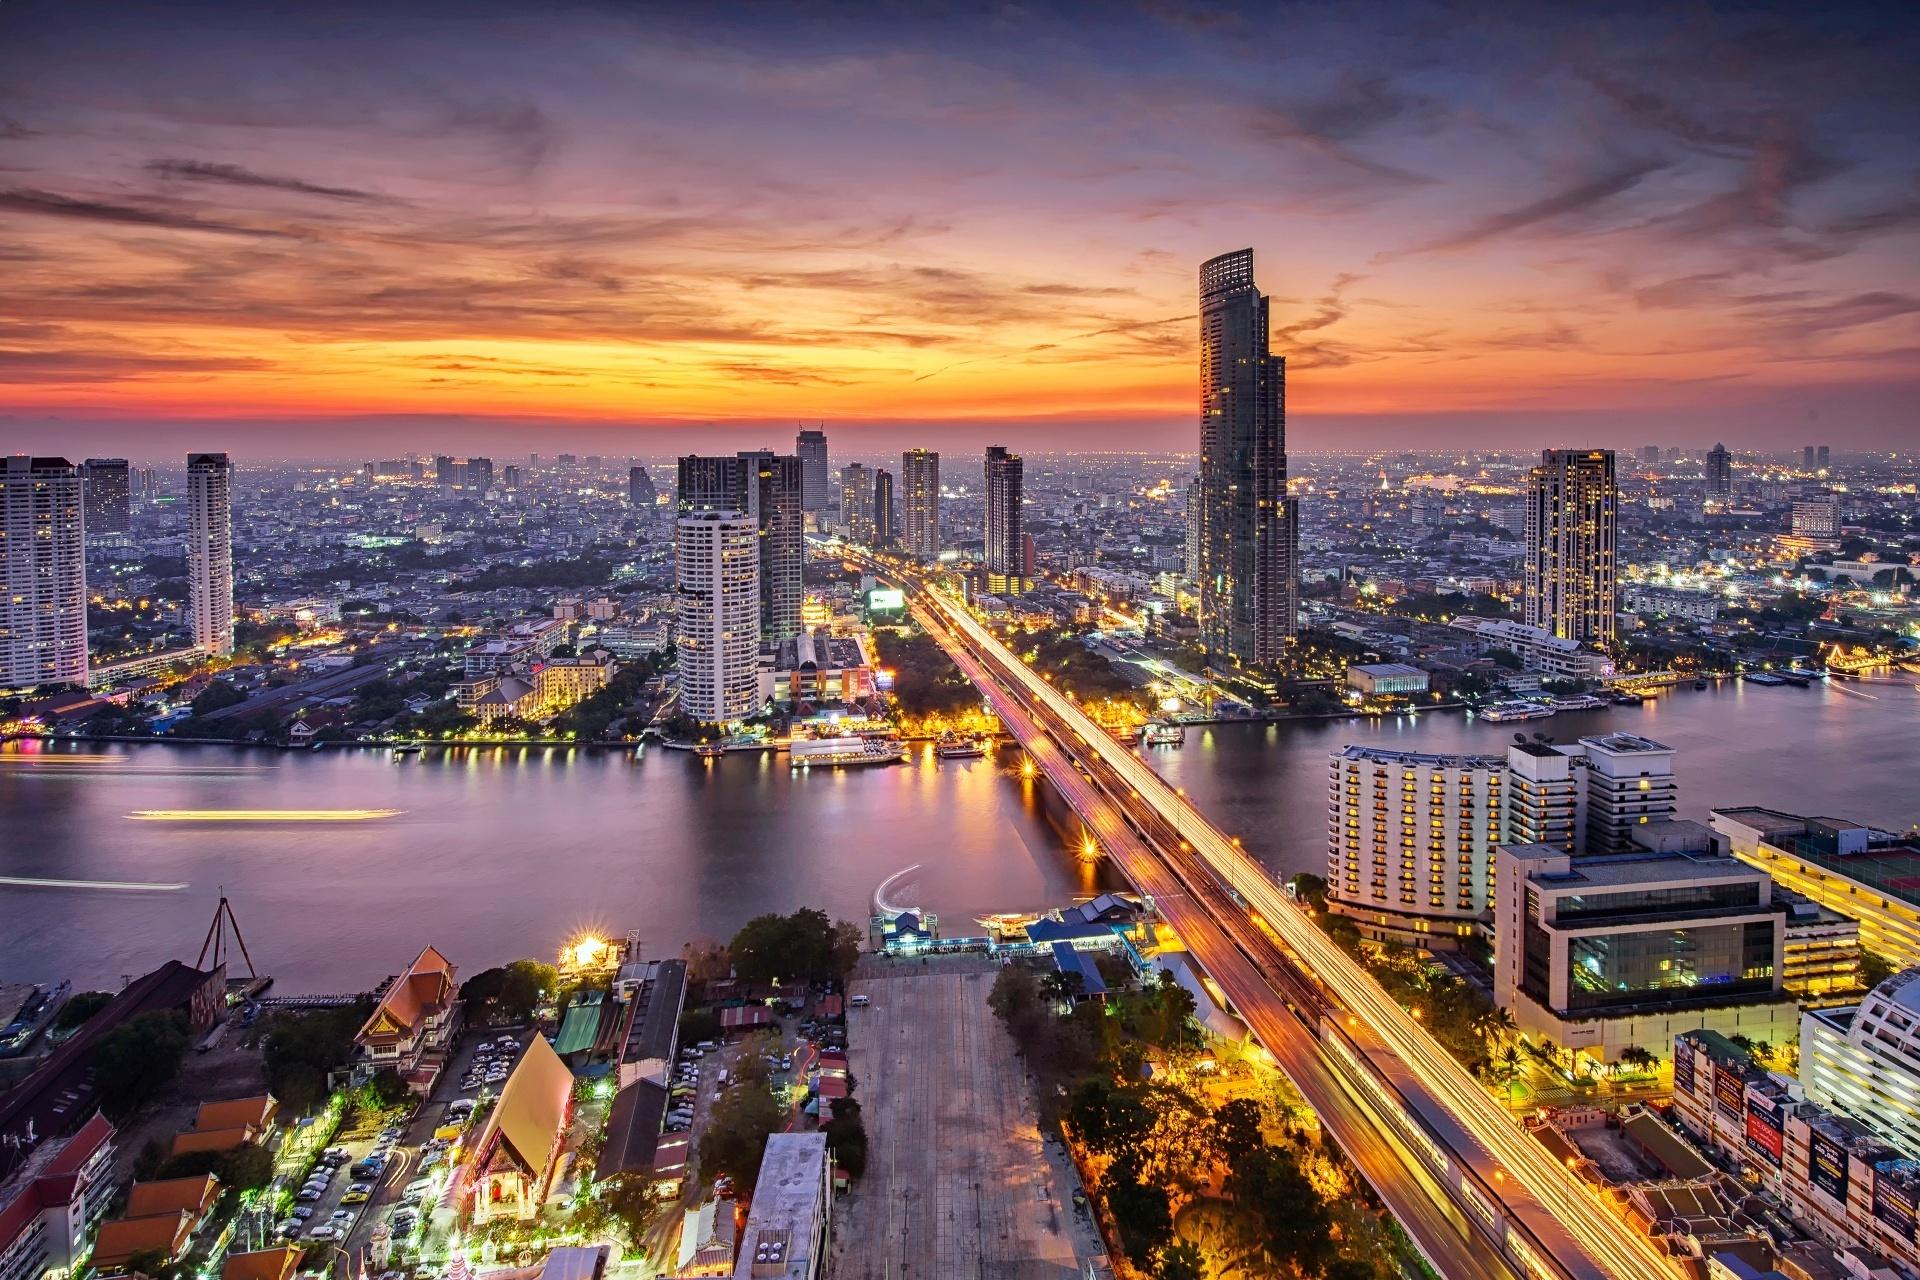 夕暮れのバンコクの風景 タイの風景